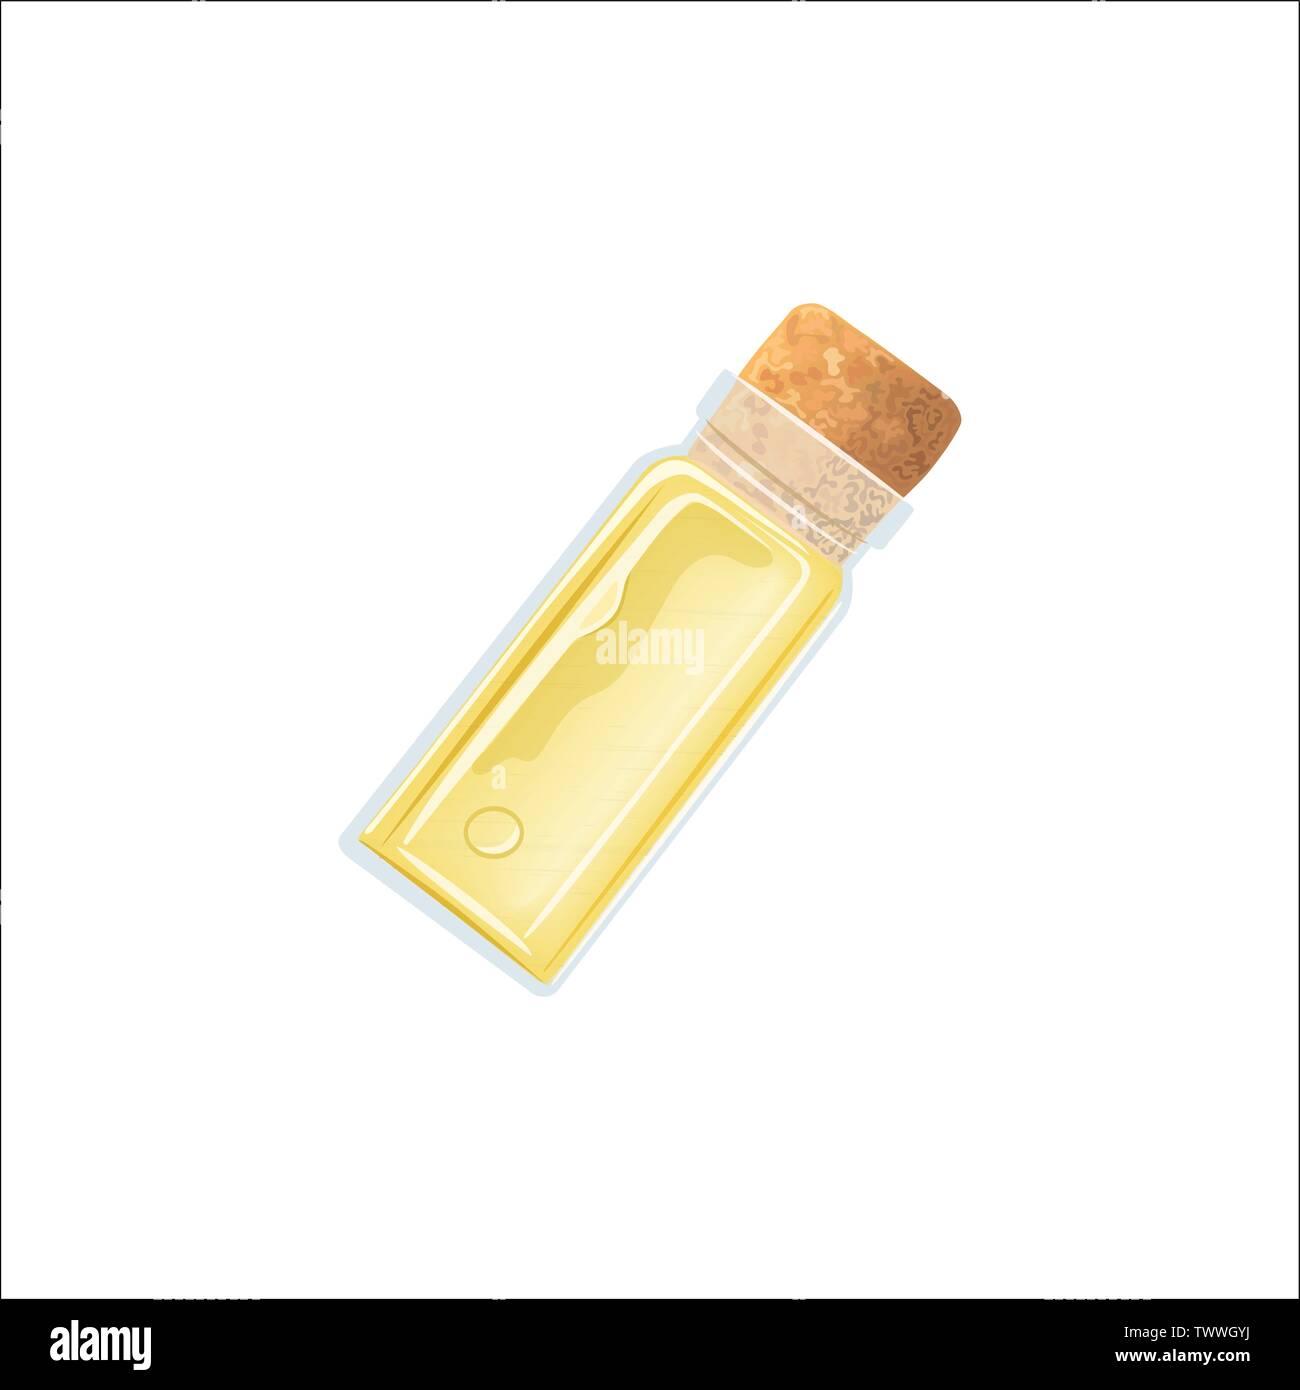 Huile jaune flacon vide avec du liège, bloc de glace parfum flacon blanc, bouteille, flacon de médicaments, jar. Pour les médicaments, pilules, médicaments, aromathérapie, cosmétiques, Photo Stock